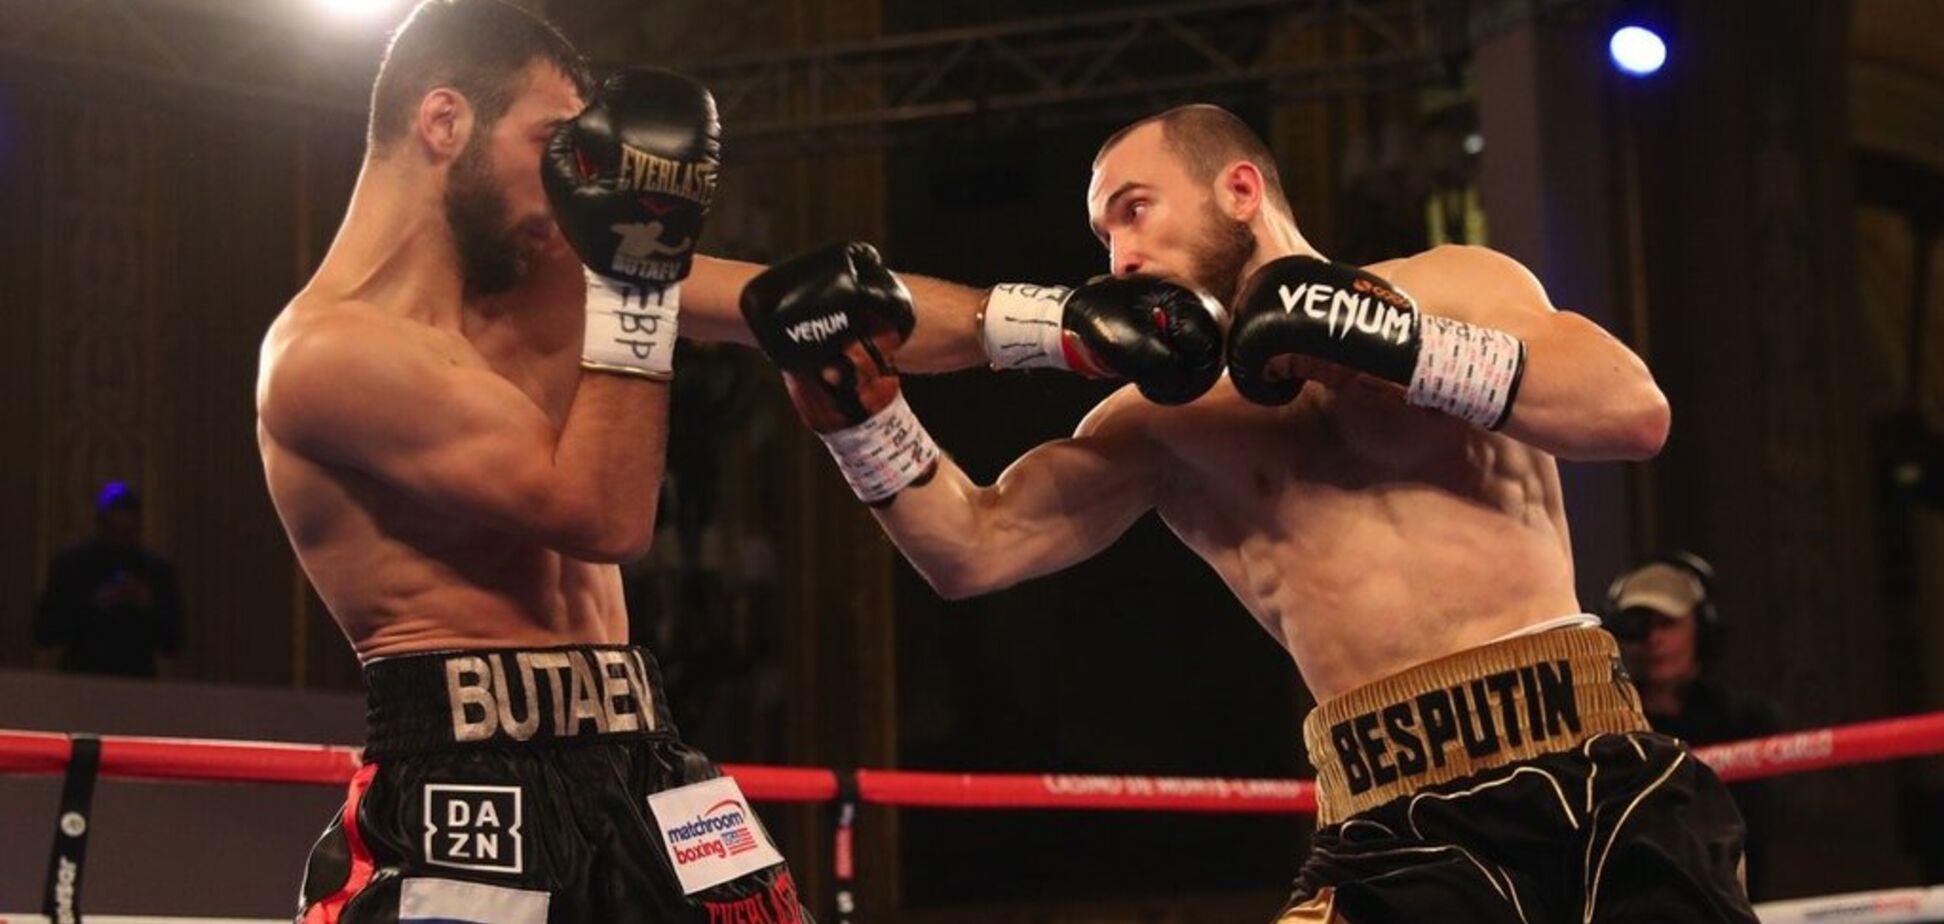 'Печень открыта': Ломаченко позвонил российскому боксеру в ринг и помог победить